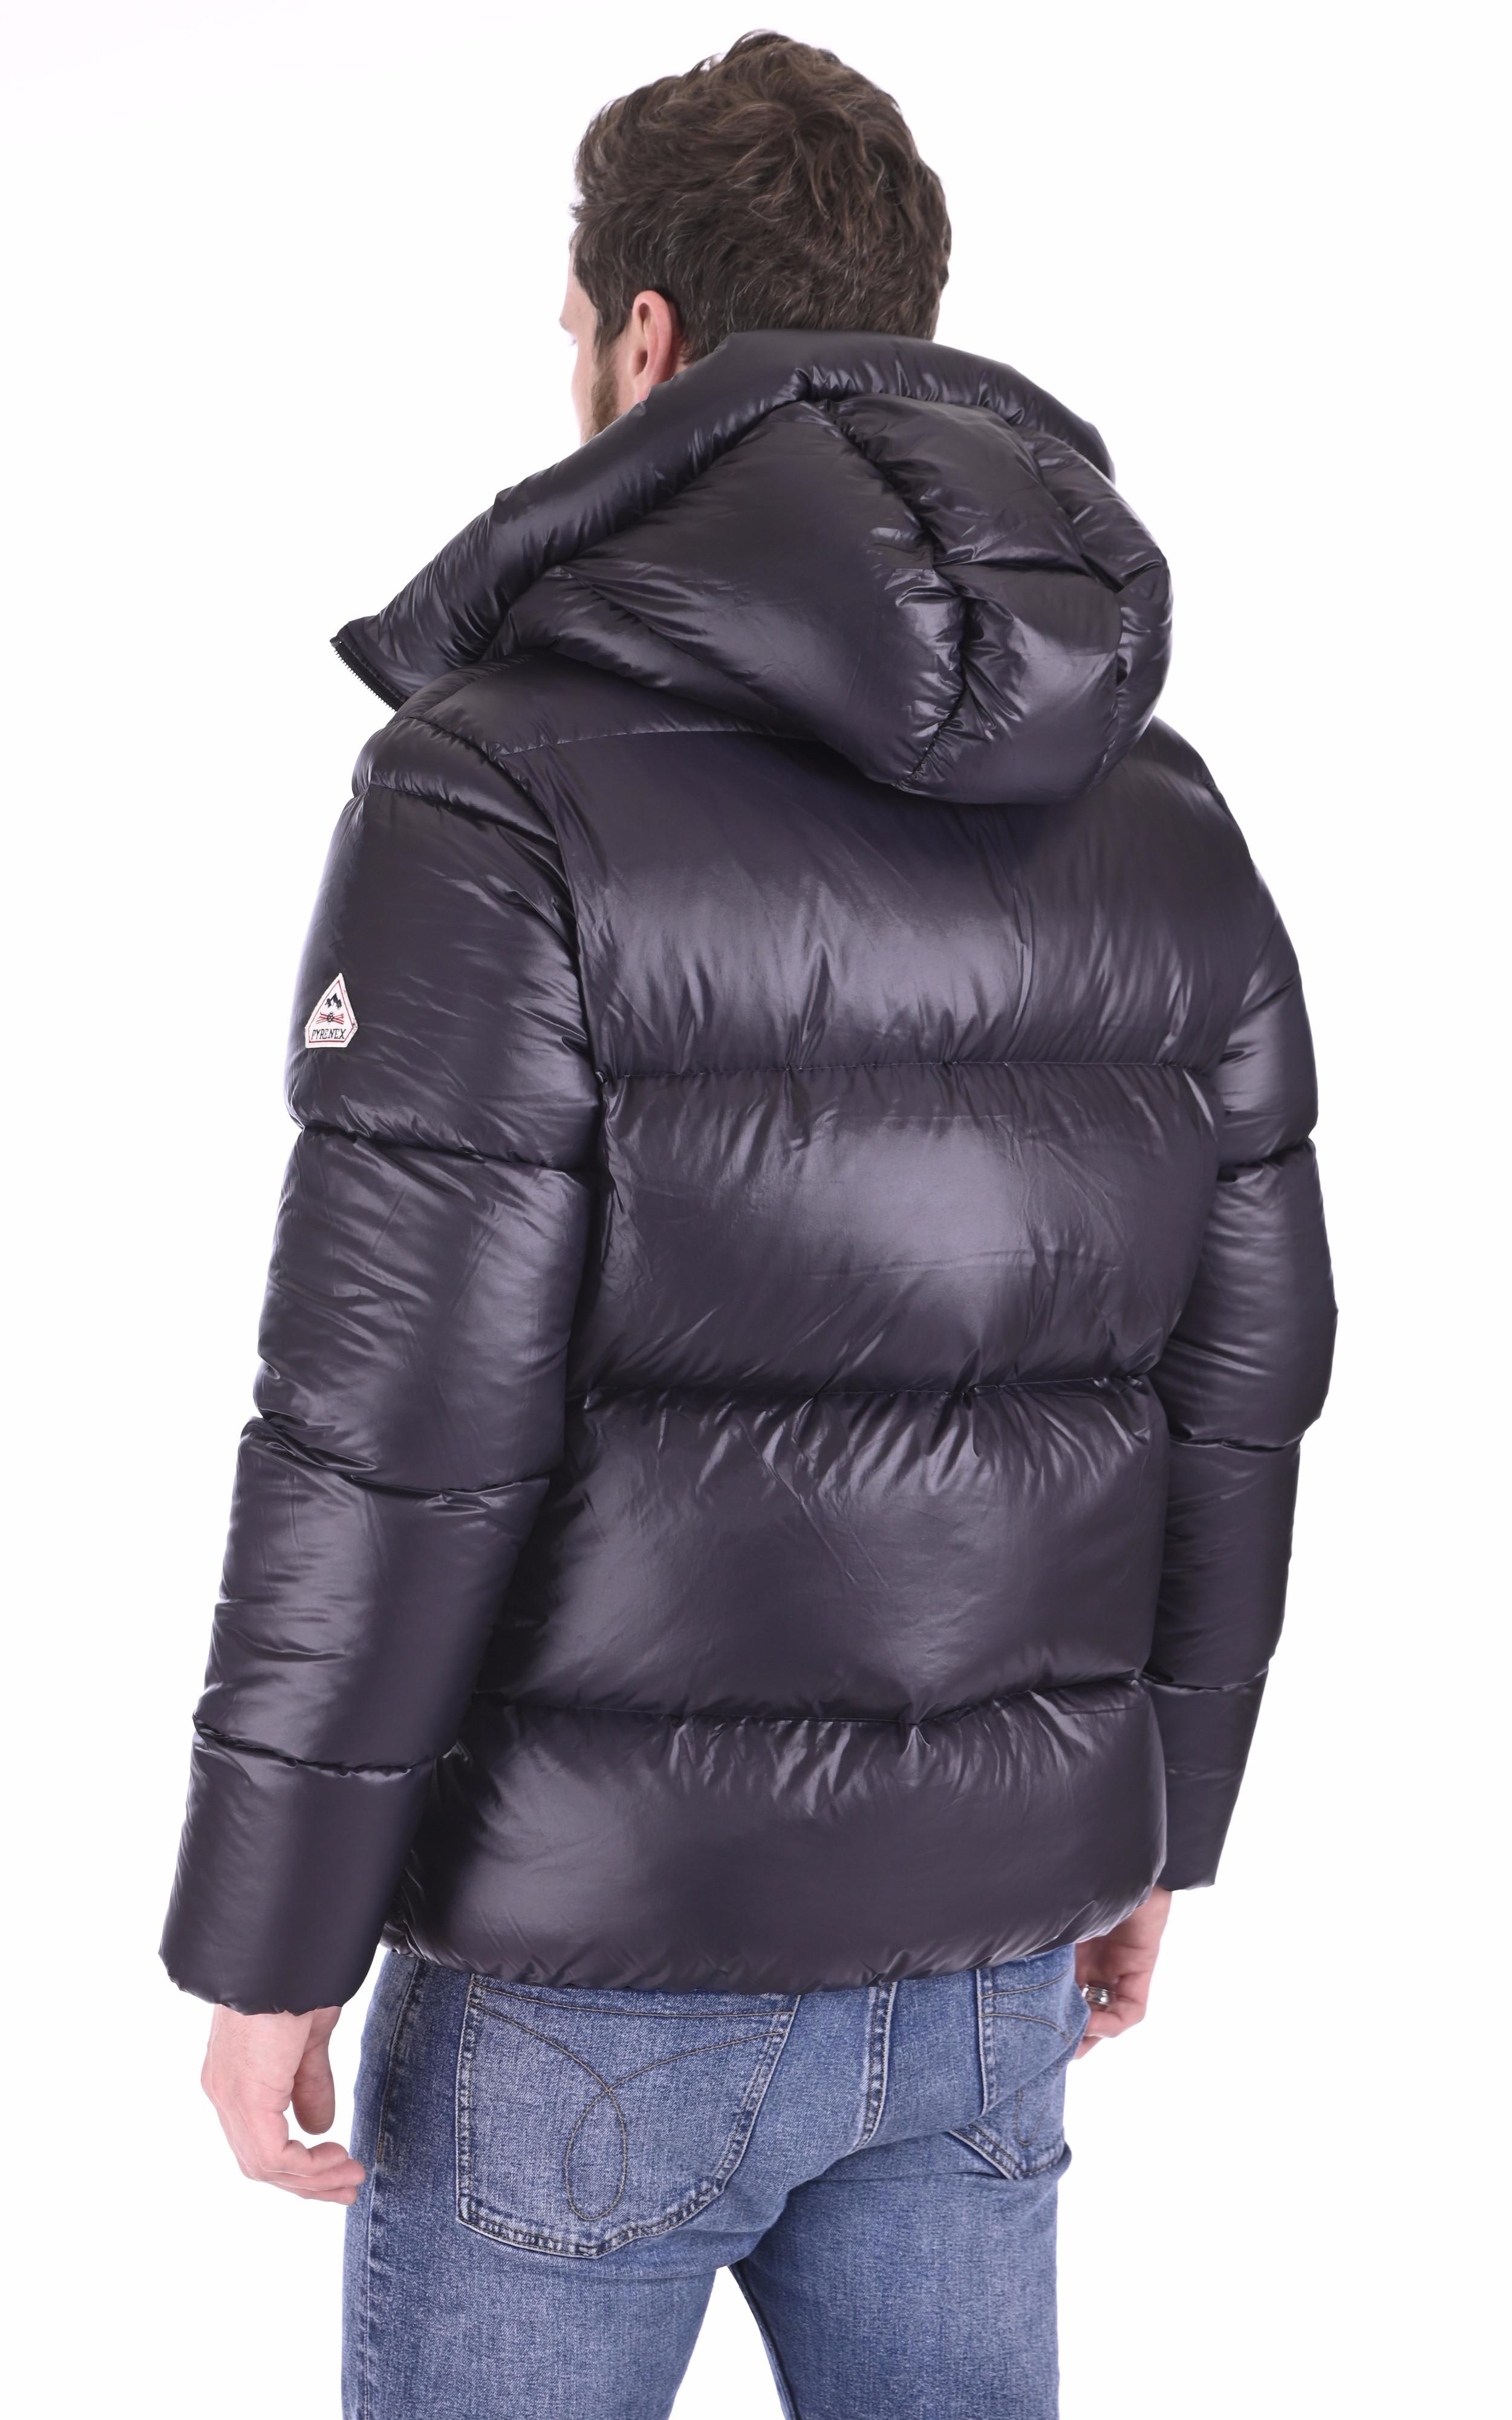 Doudoune Barry noire Pyrenex